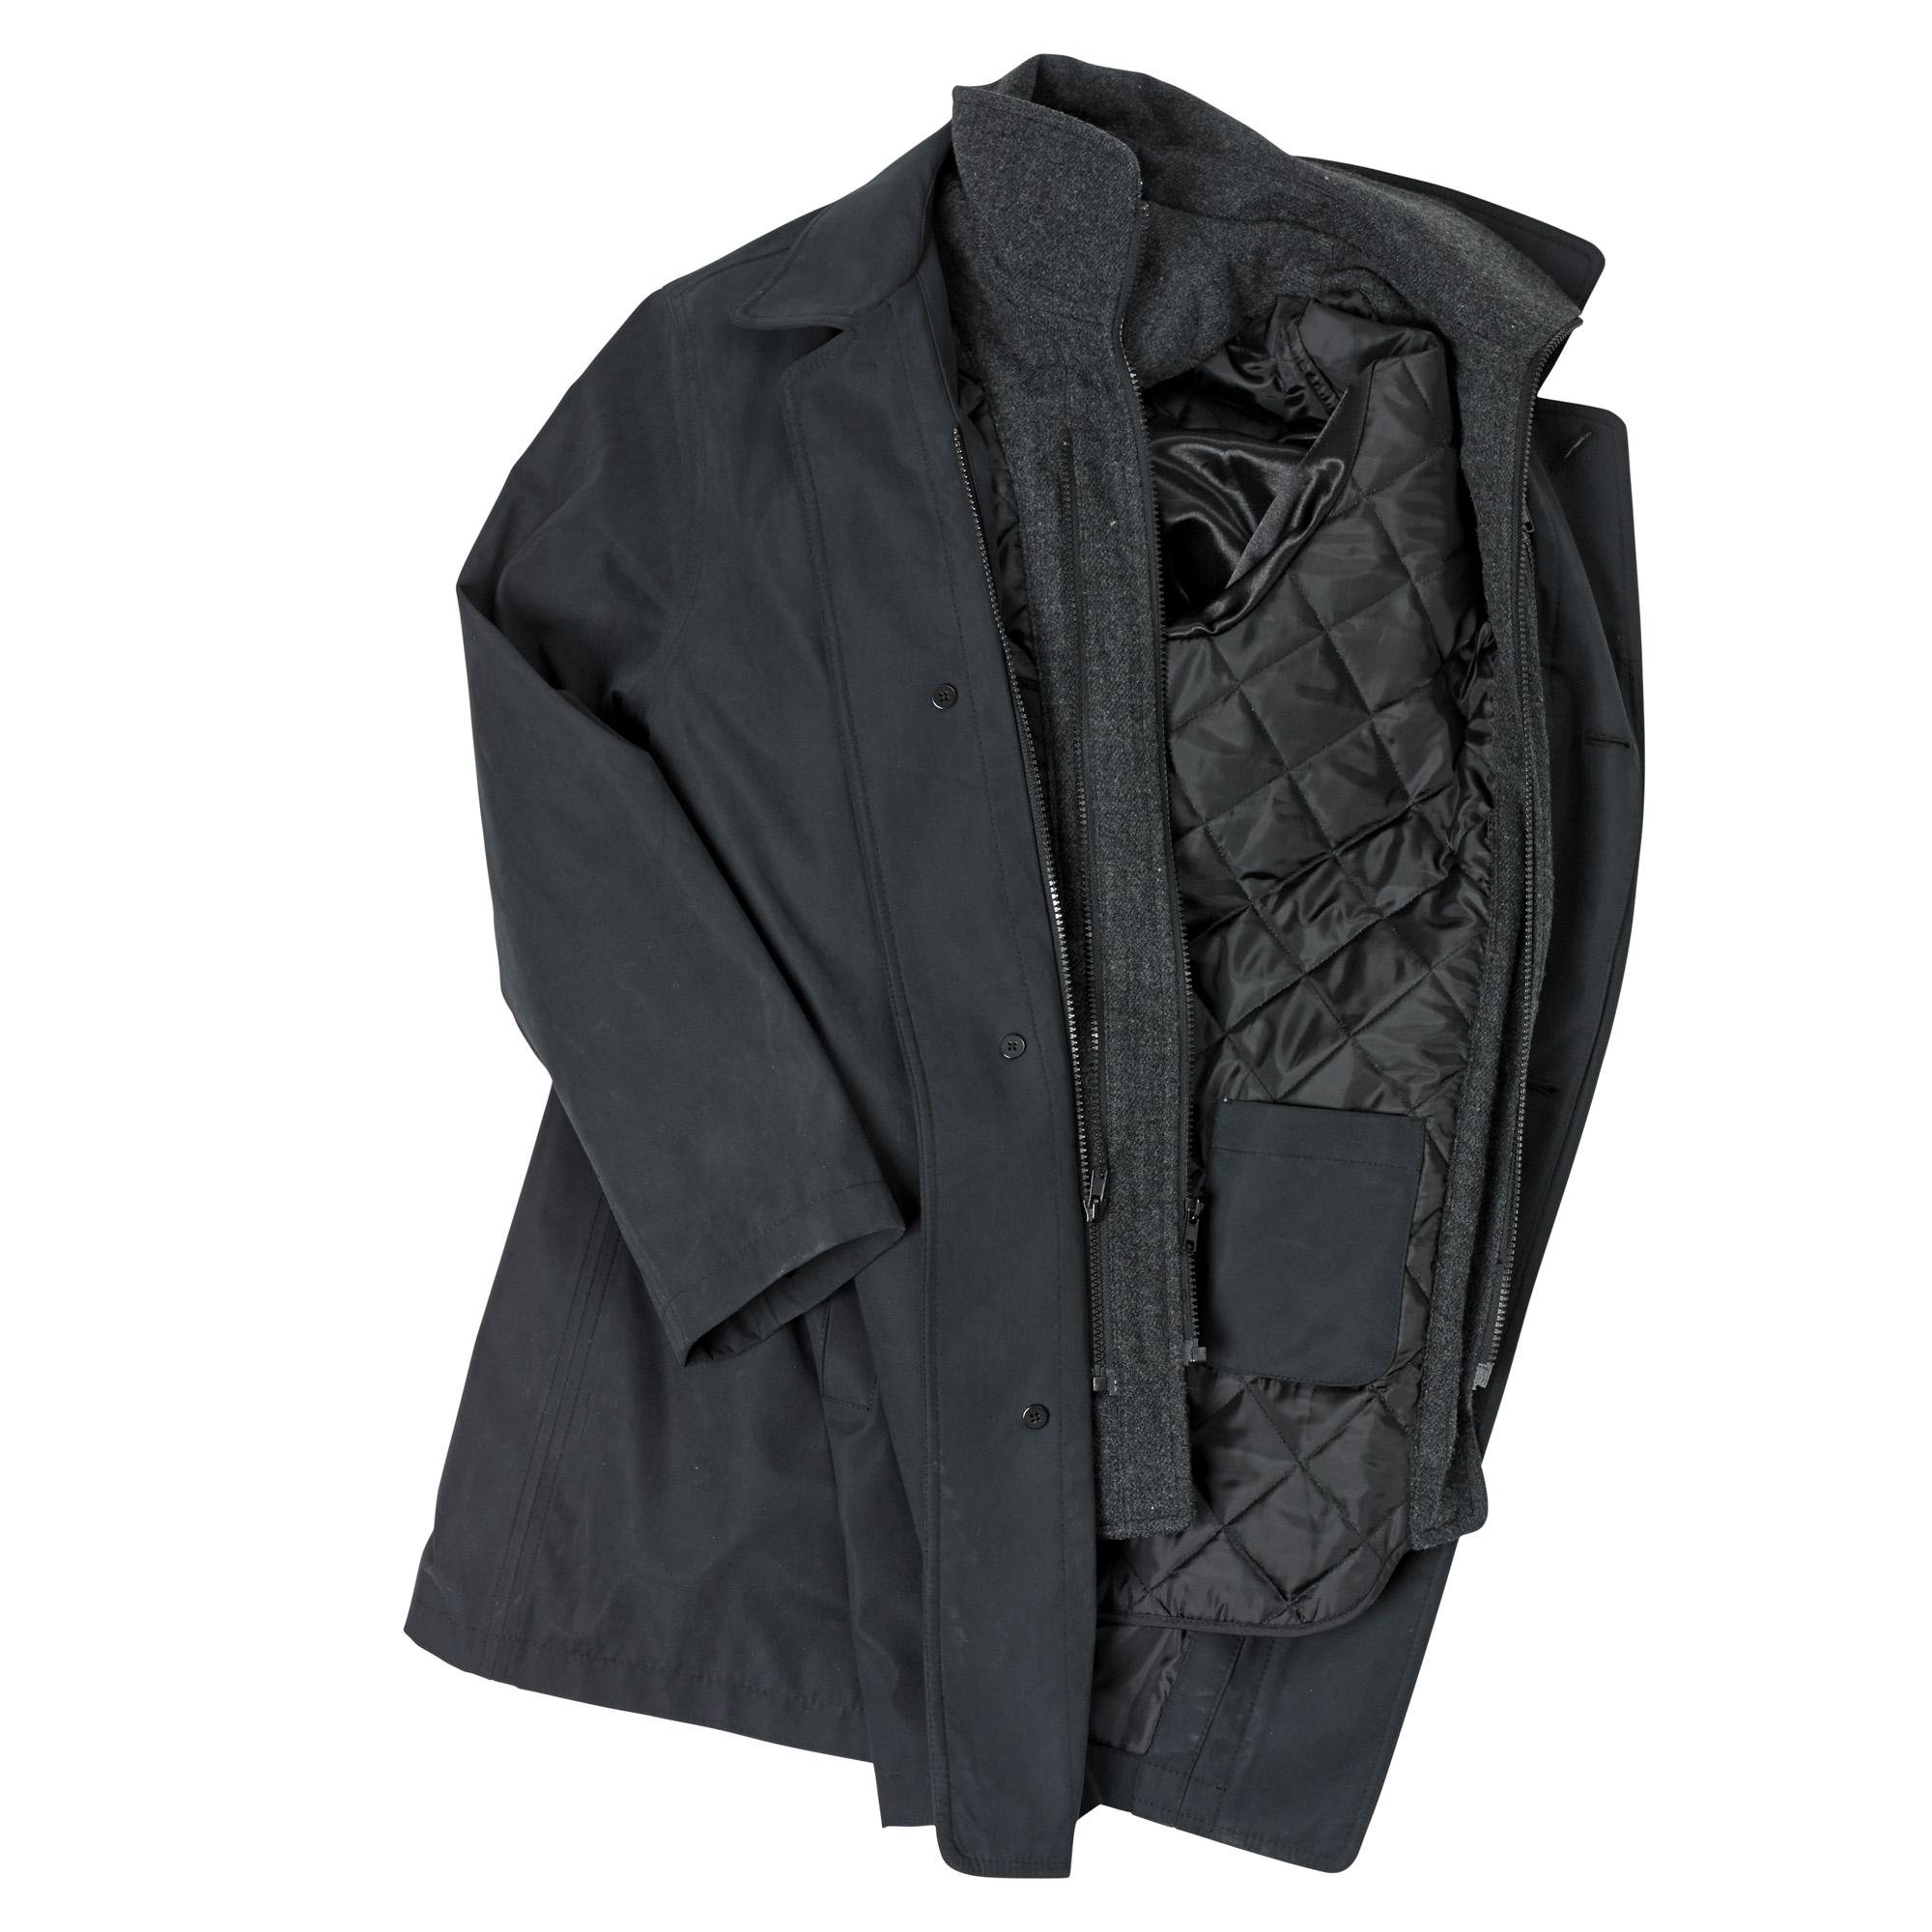 Sansabelt Raincoat inner liner